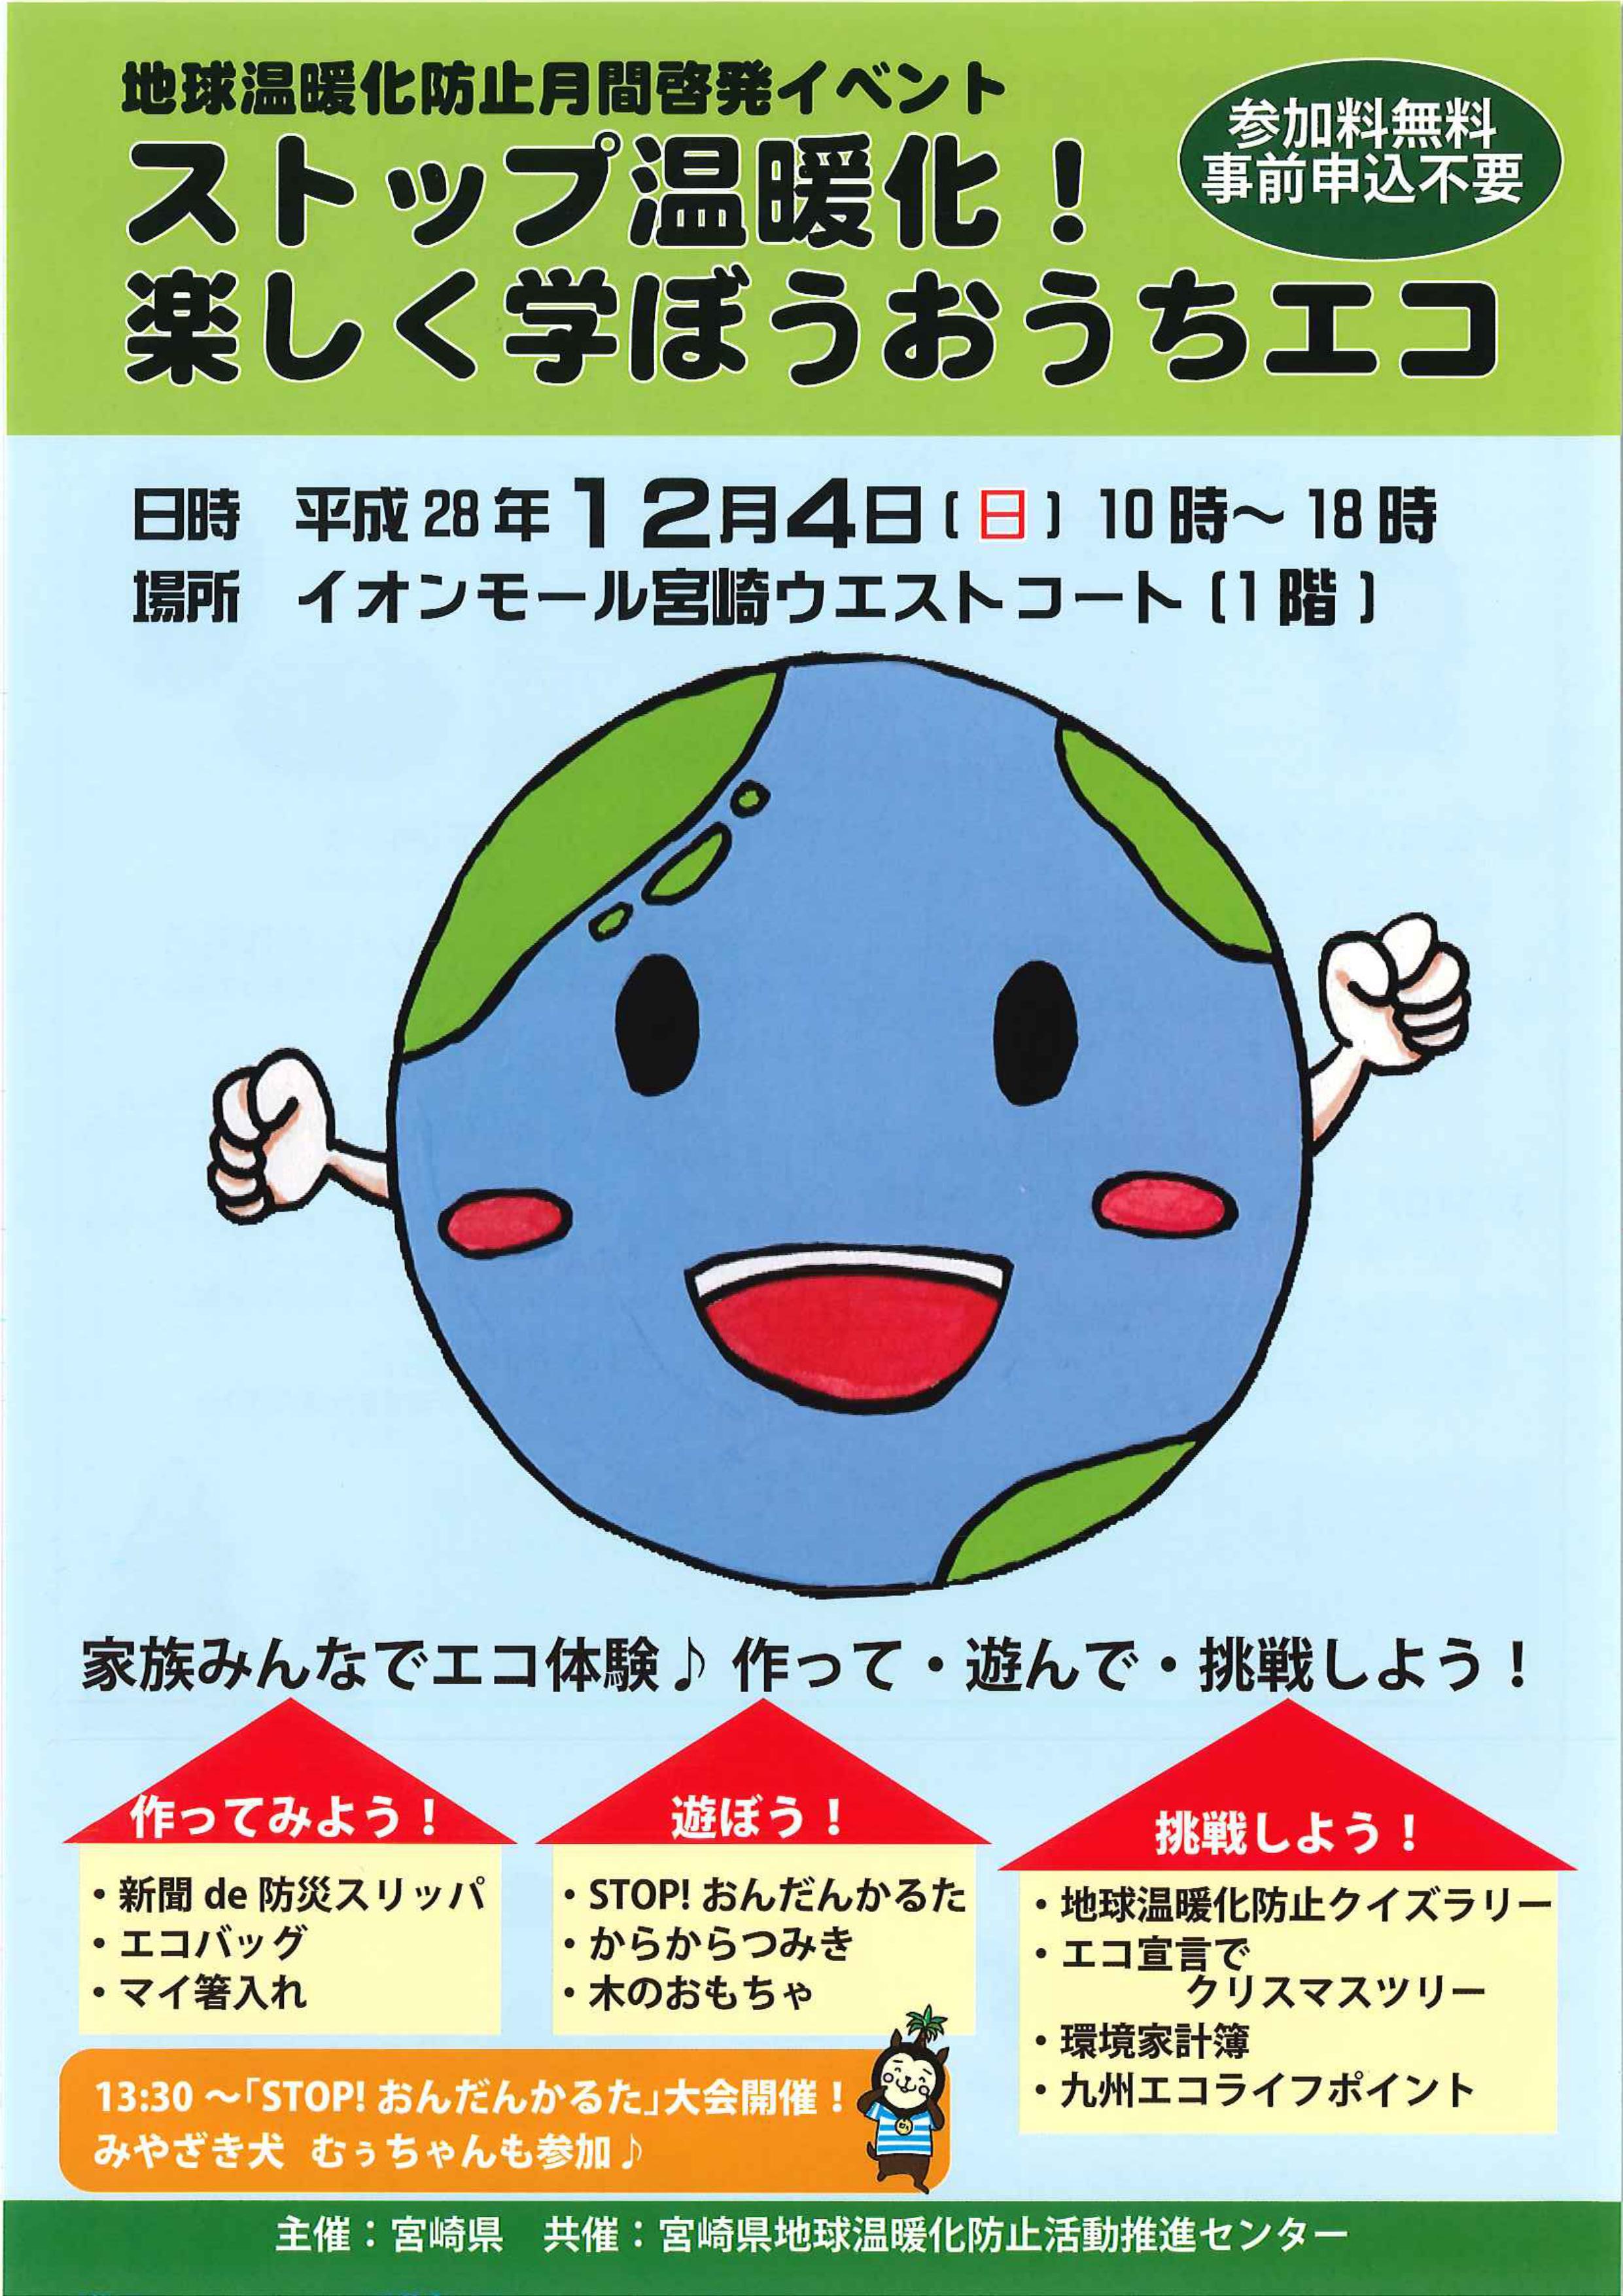 地球温暖化防止月間啓発イベント~ストップ温暖化!楽しく学ぼうおうちエコ~